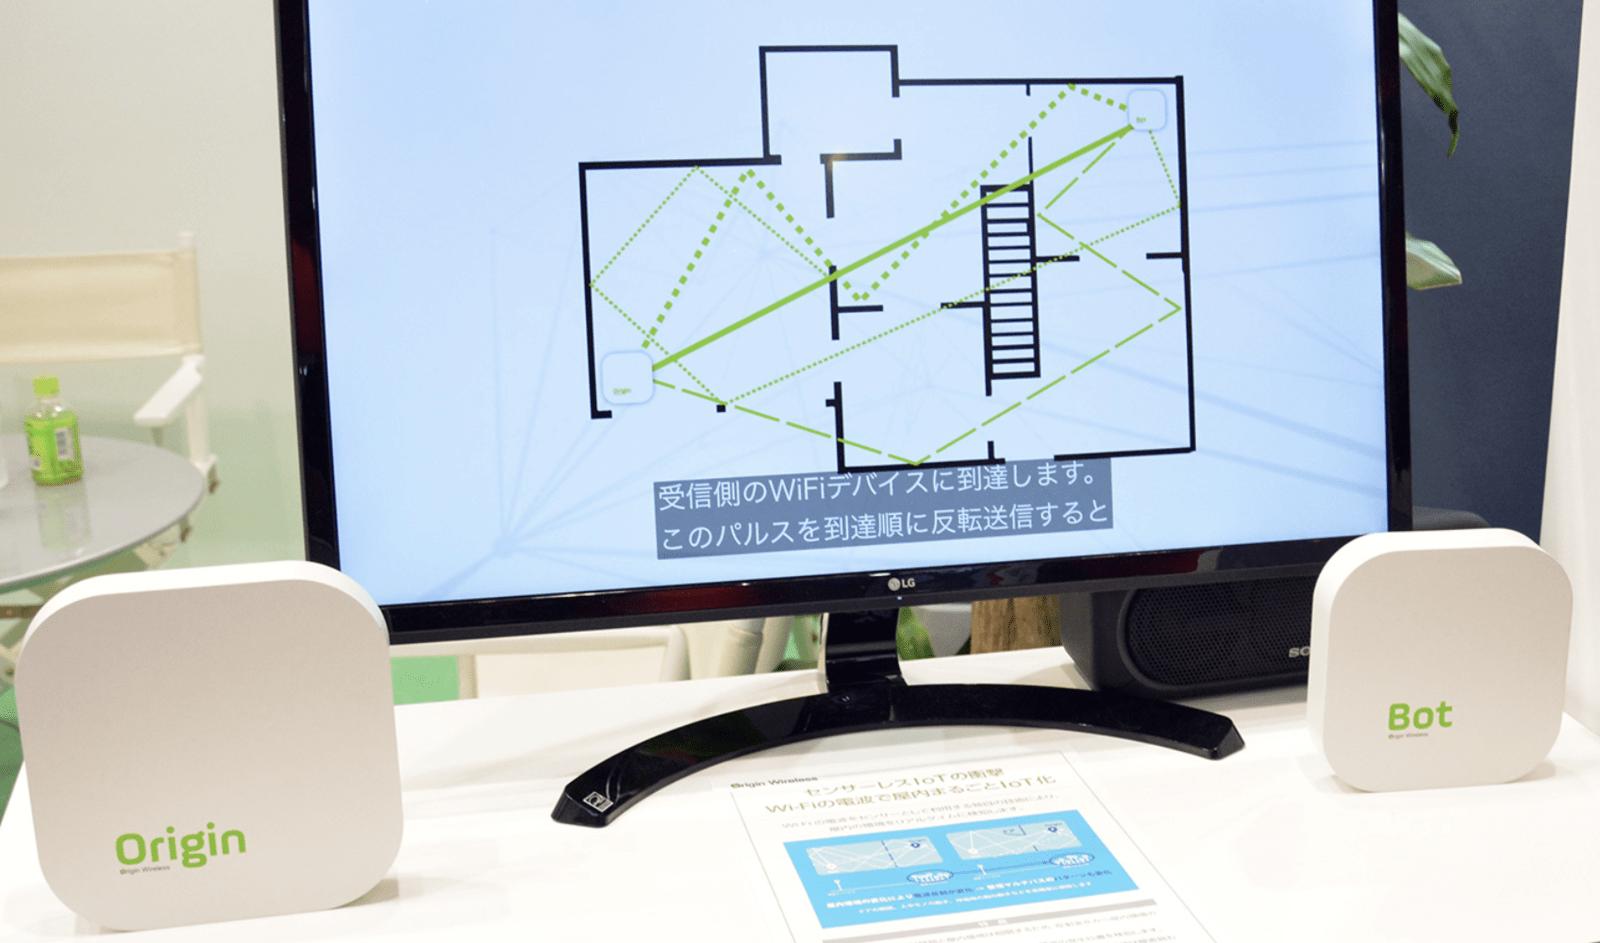 用 Wi-Fi 訊號做保安感測系統 感測空間內物體移動